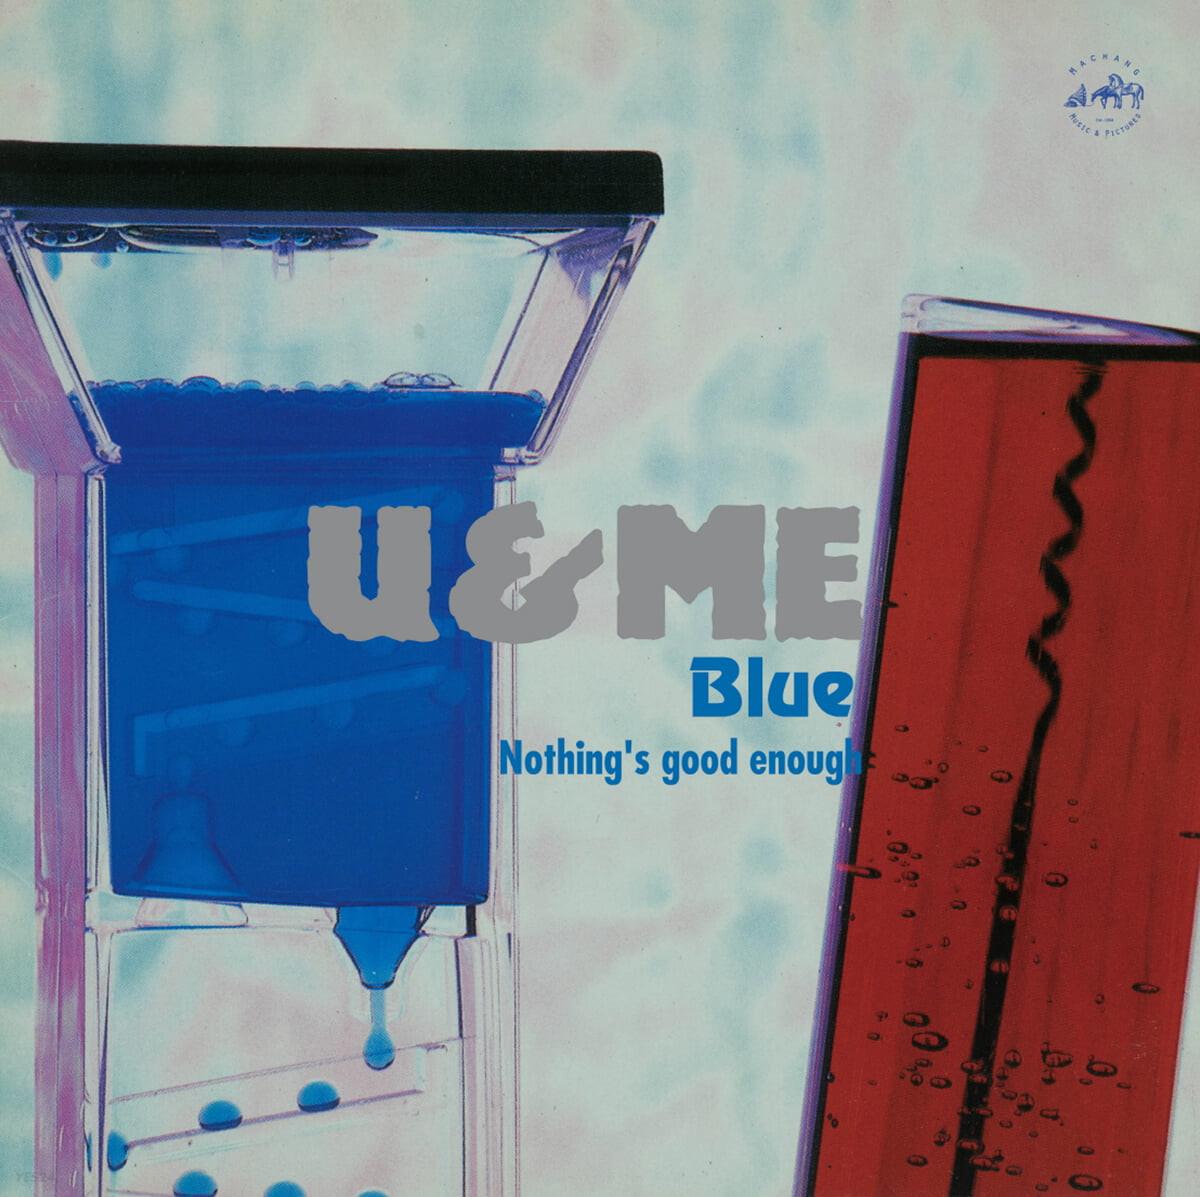 유앤미블루 (U&Me Blue) - 1집 Nothing's Good Enough [블루 컬러 LP]